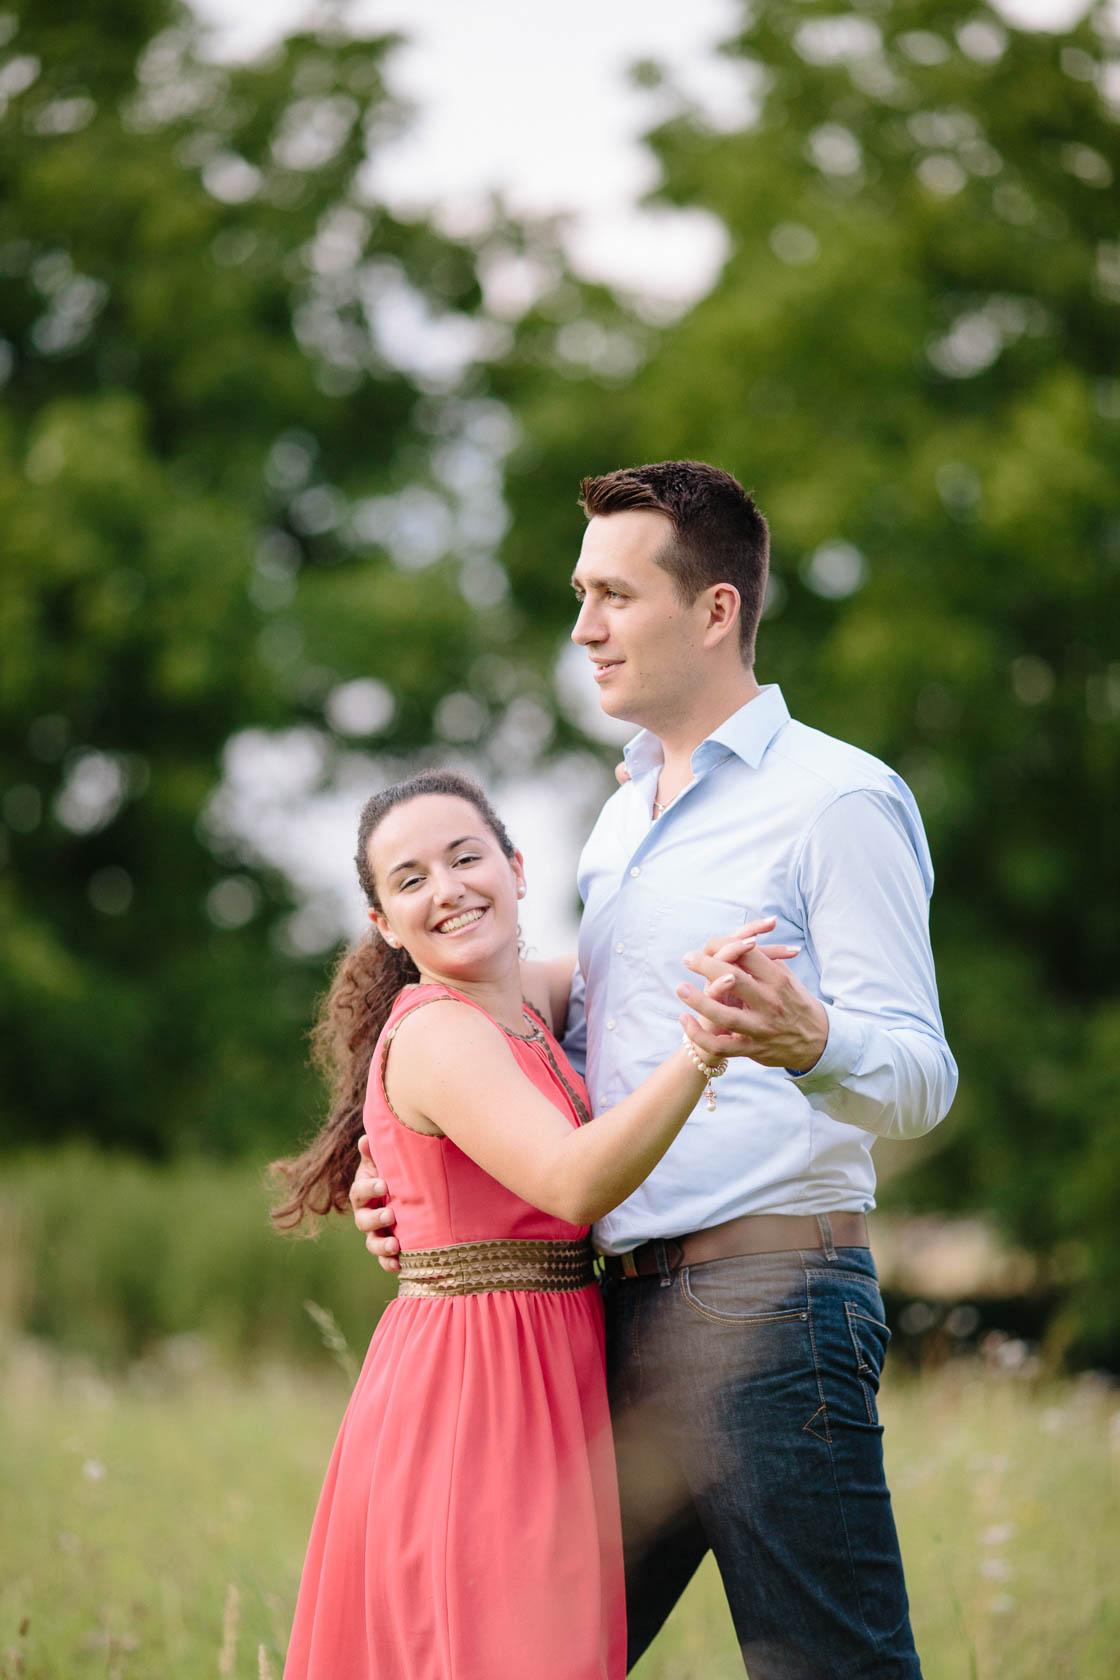 Engagement Fotoshooting von Laura und Viktor in Karlsbad Paarfoto tanzen tanzend